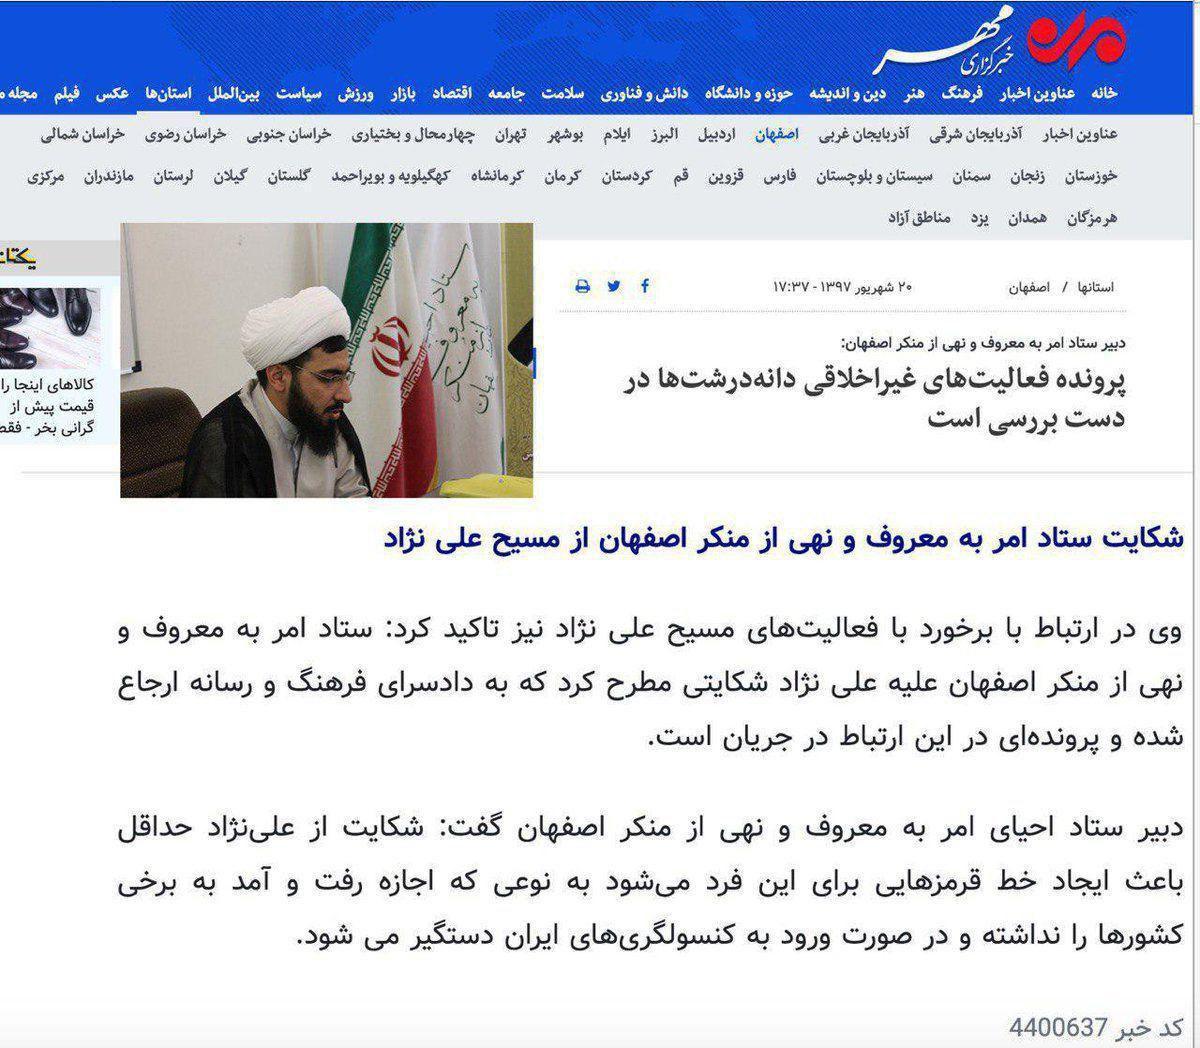 شکایت ستاد امر به معروف اصفهان از مسیح علی نژاد